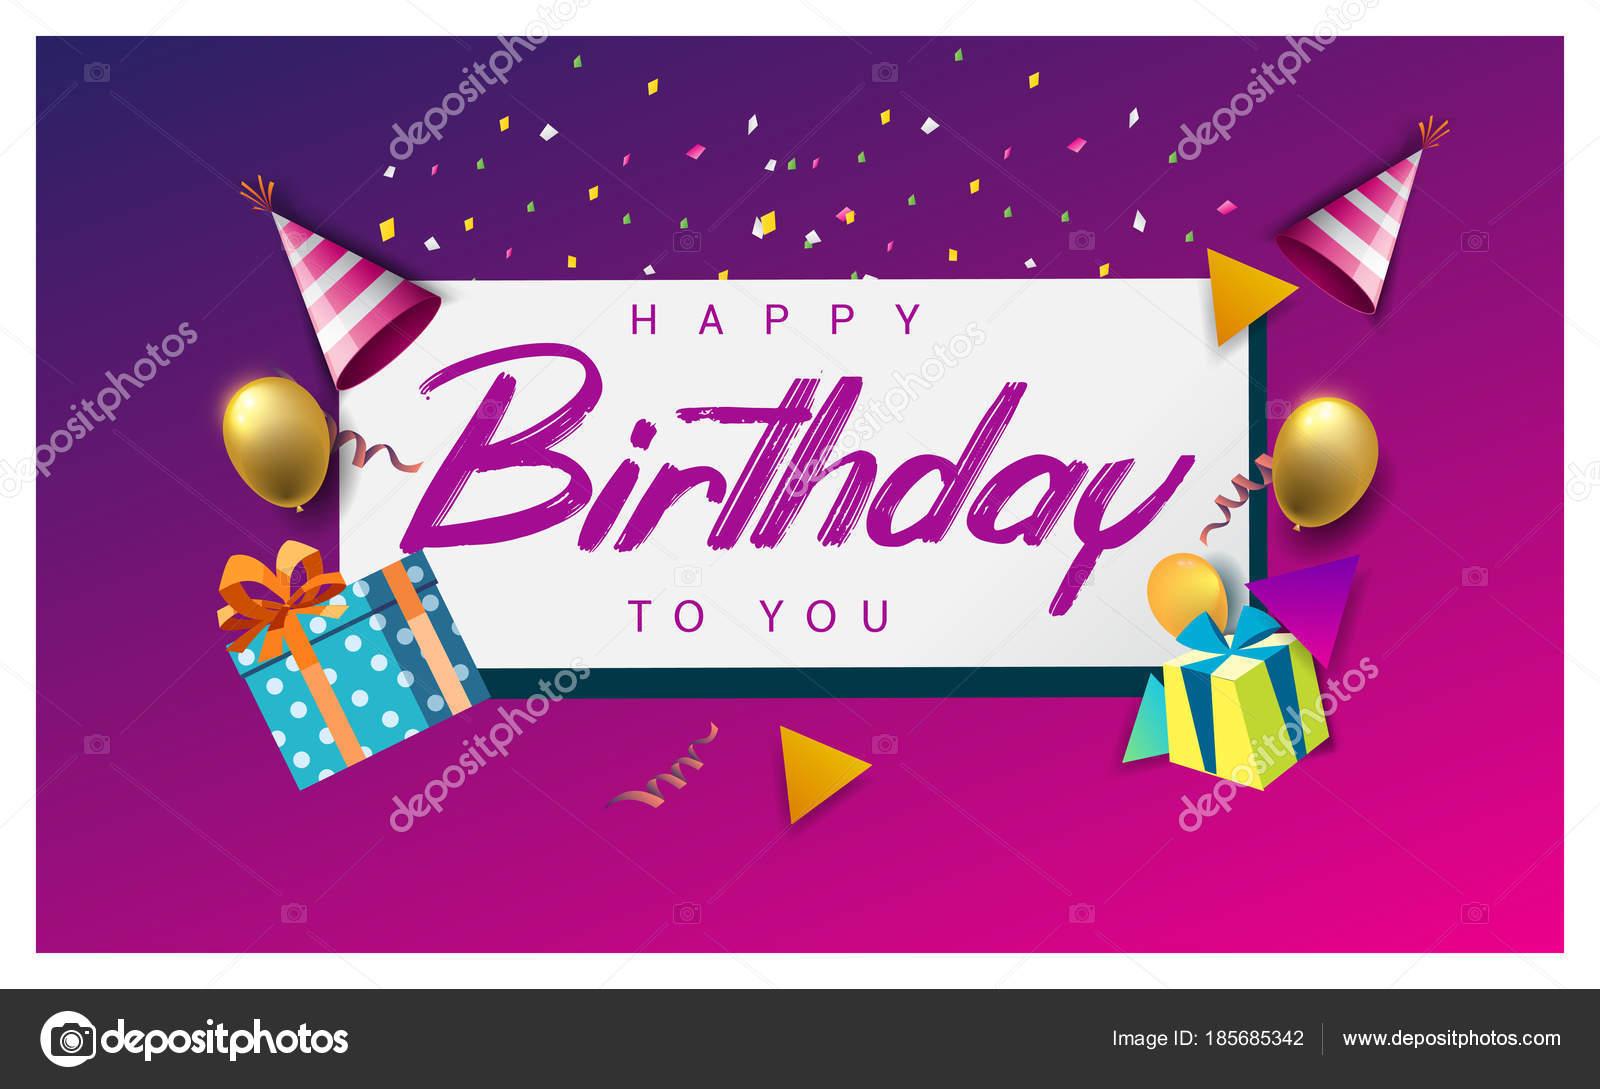 Happy Birthday Typografie Vektor Design Fur Grusskarten Und Poster